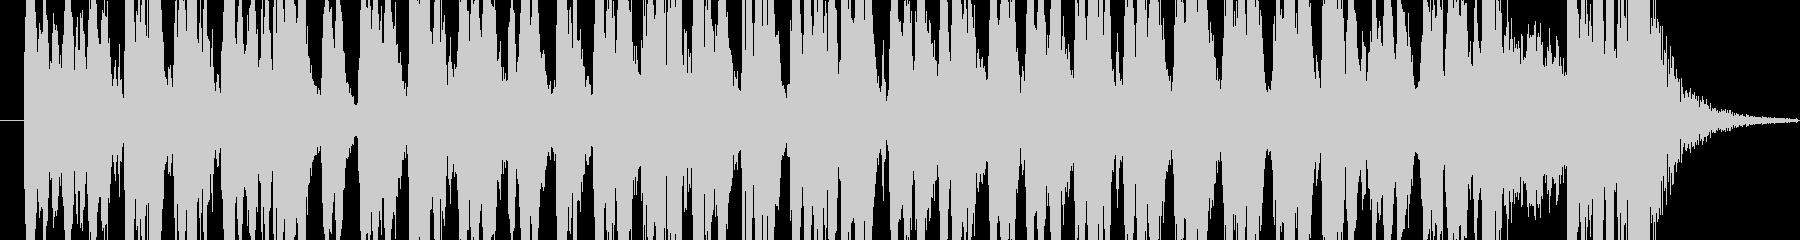 激しいクラシカルの未再生の波形